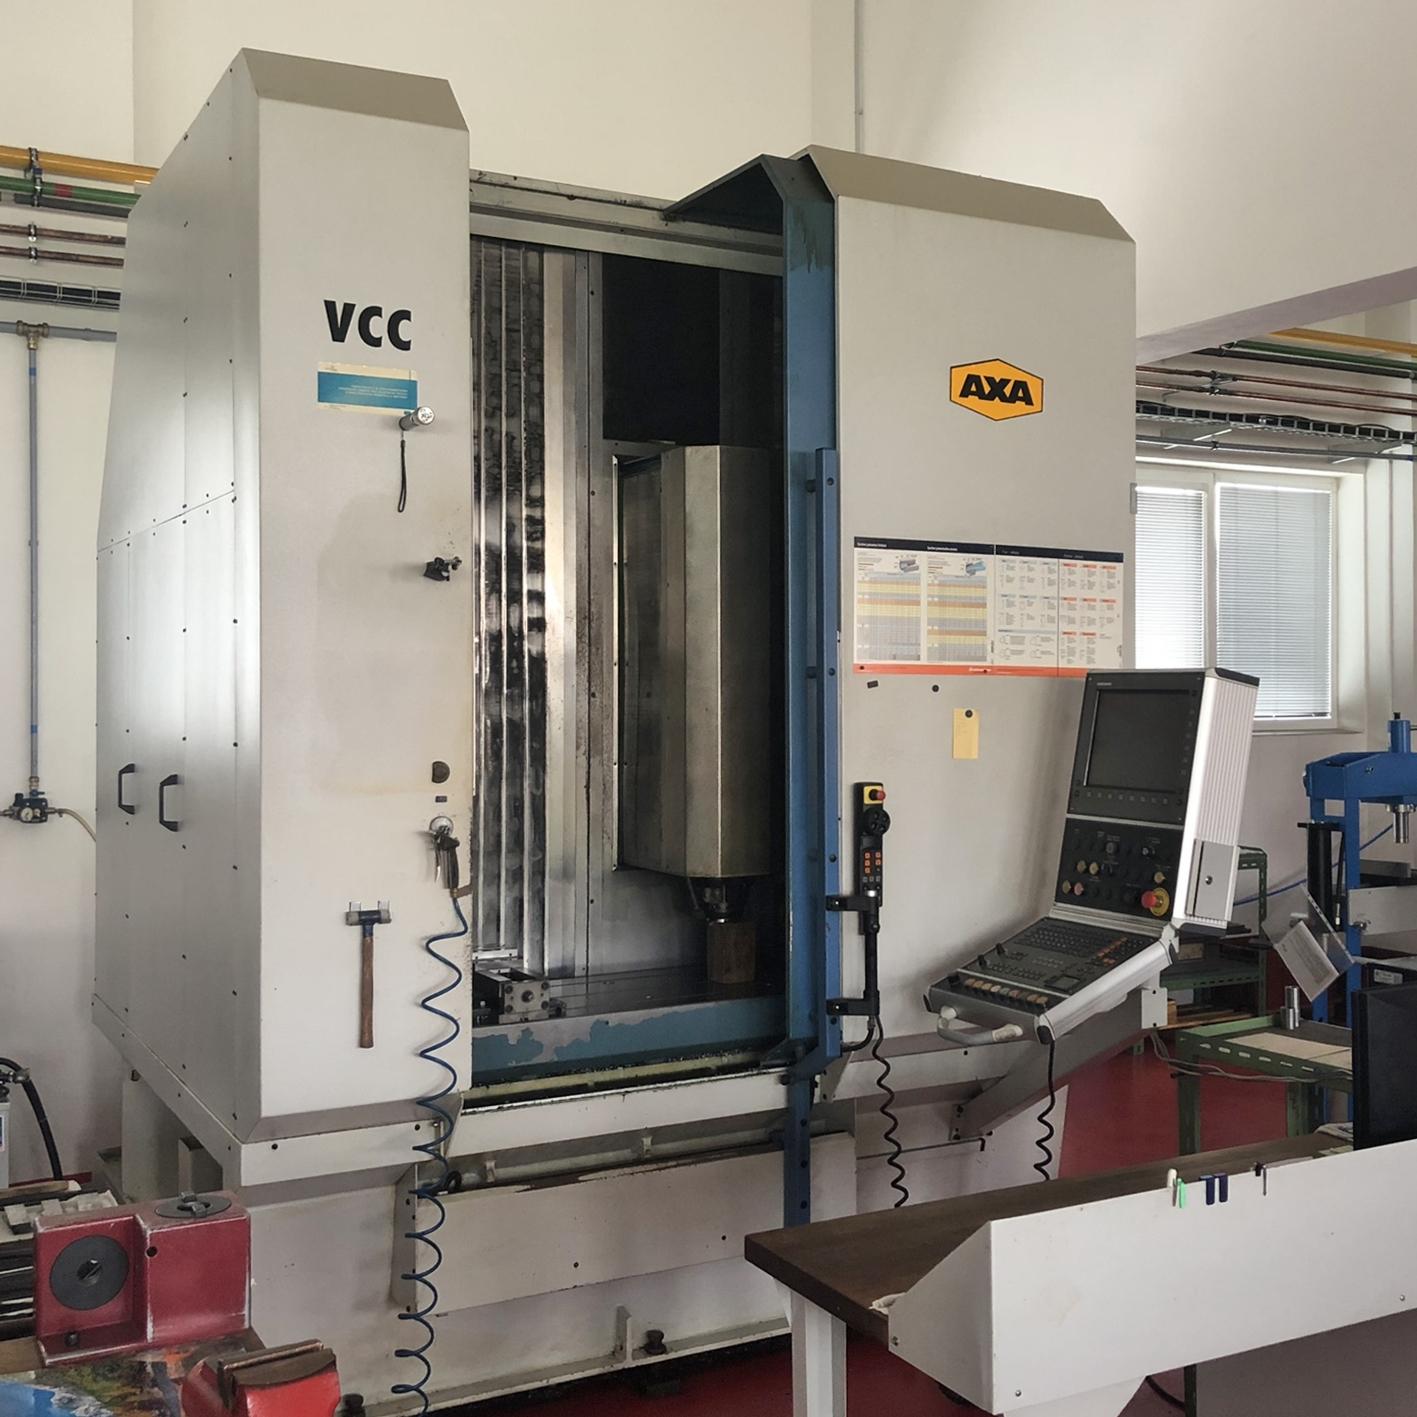 AXA VCC 1000 - 3-osé frézovací centrumpracovní rozsah: x=940mm; y=520mm; z=600mmotáčky vřetena 8 000 ot./min.řídící systém Heidenhain iTNC530